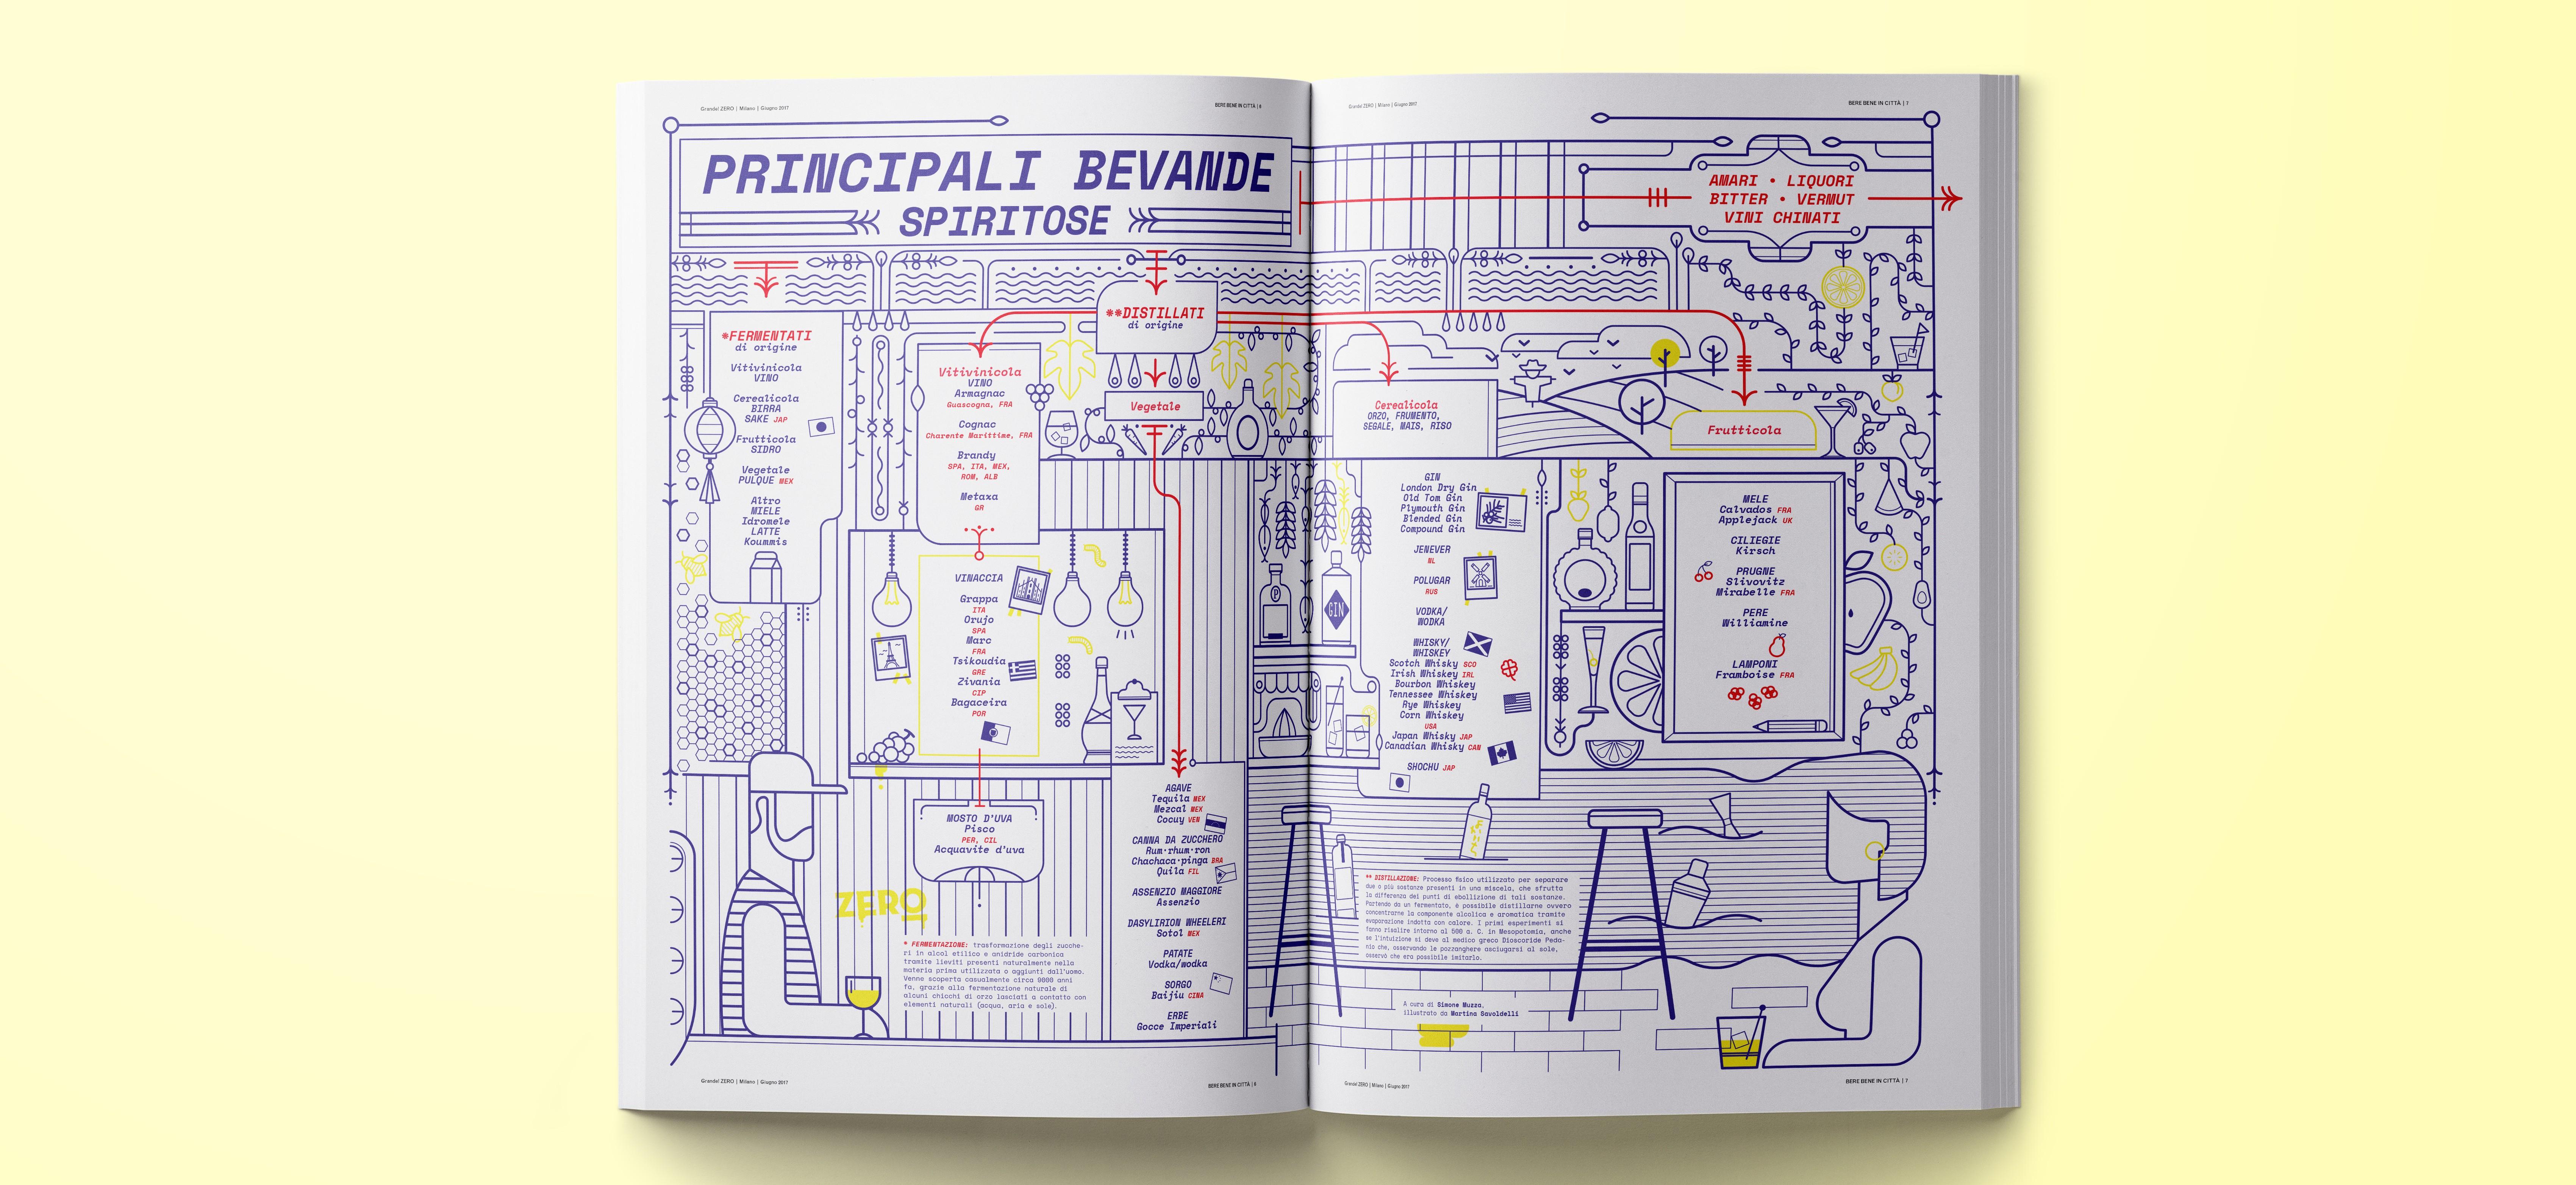 Principali bevande spiritose. A cura di Simone Muzza, illustrazione di Martina Savoldelli